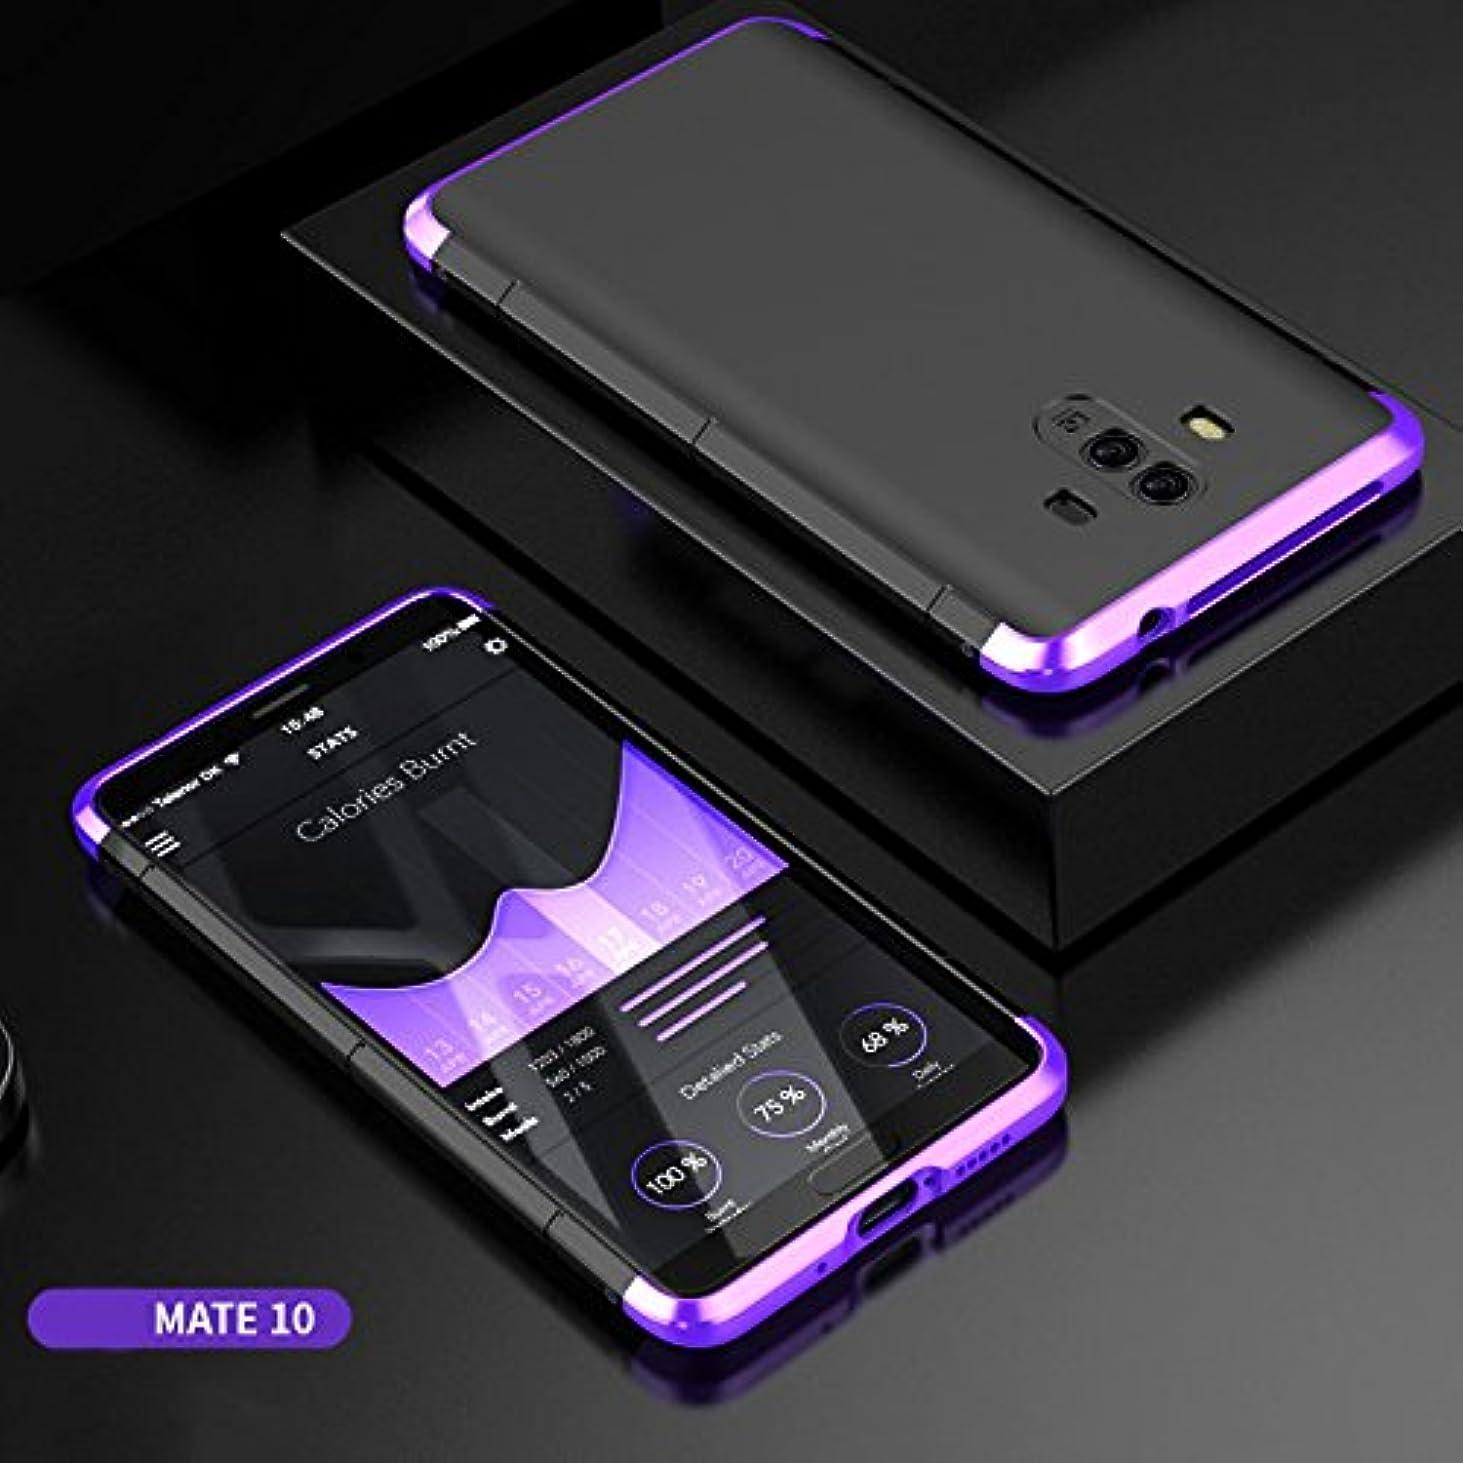 彼女建てるスチュワーデスJicorzo - Huawei社メイト10 Coqueのために華為メイト10電話ケース耐衝撃バンパーフレームシェルのためにファッションメタル+ PC電話裏表紙